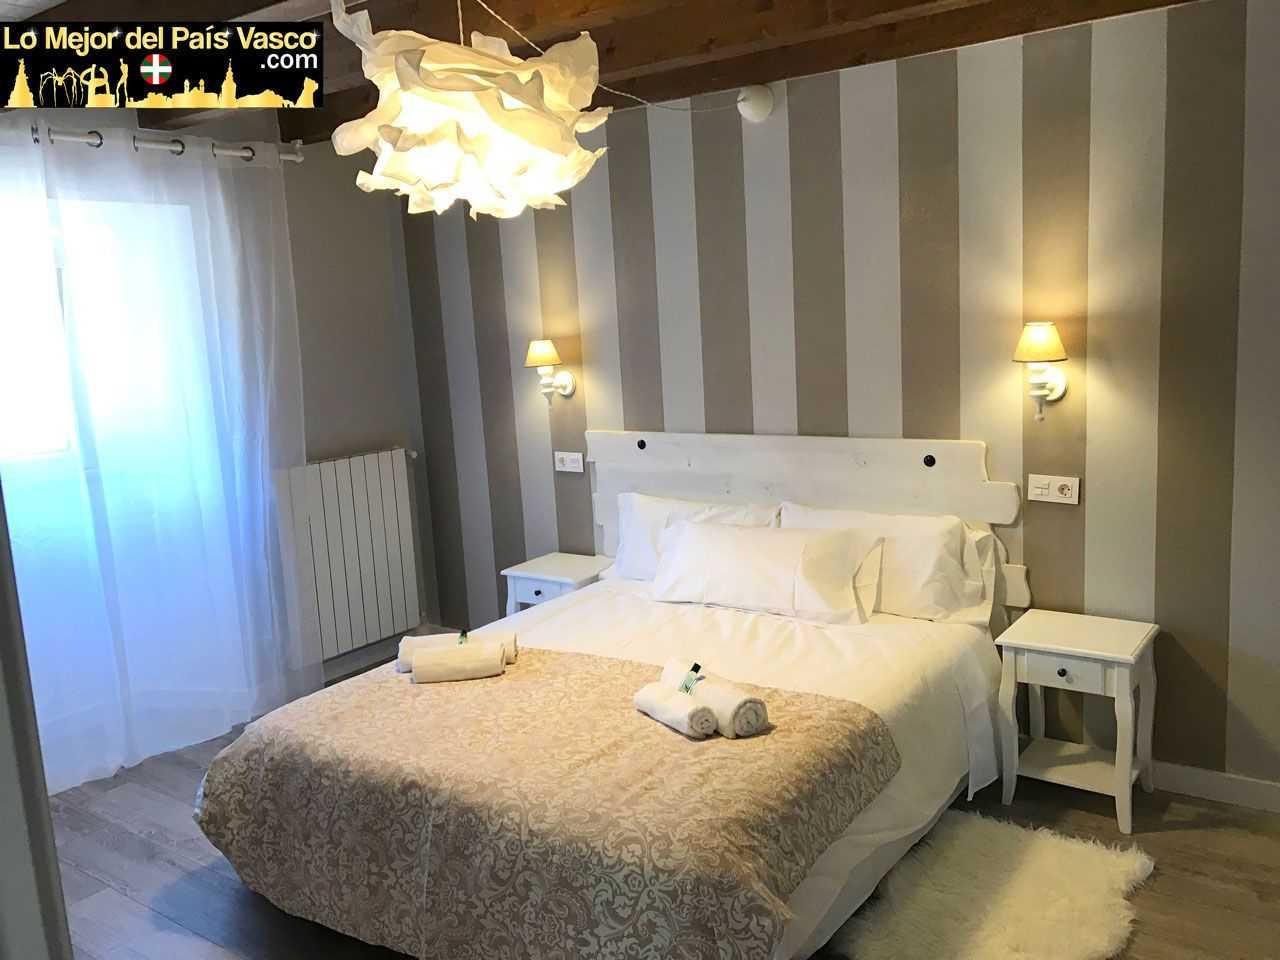 Casa-Rural-Tierra-y-Madera-Apartamento-Zur-Dormitorio-por-Lo-Mejor-del-País-Vasco